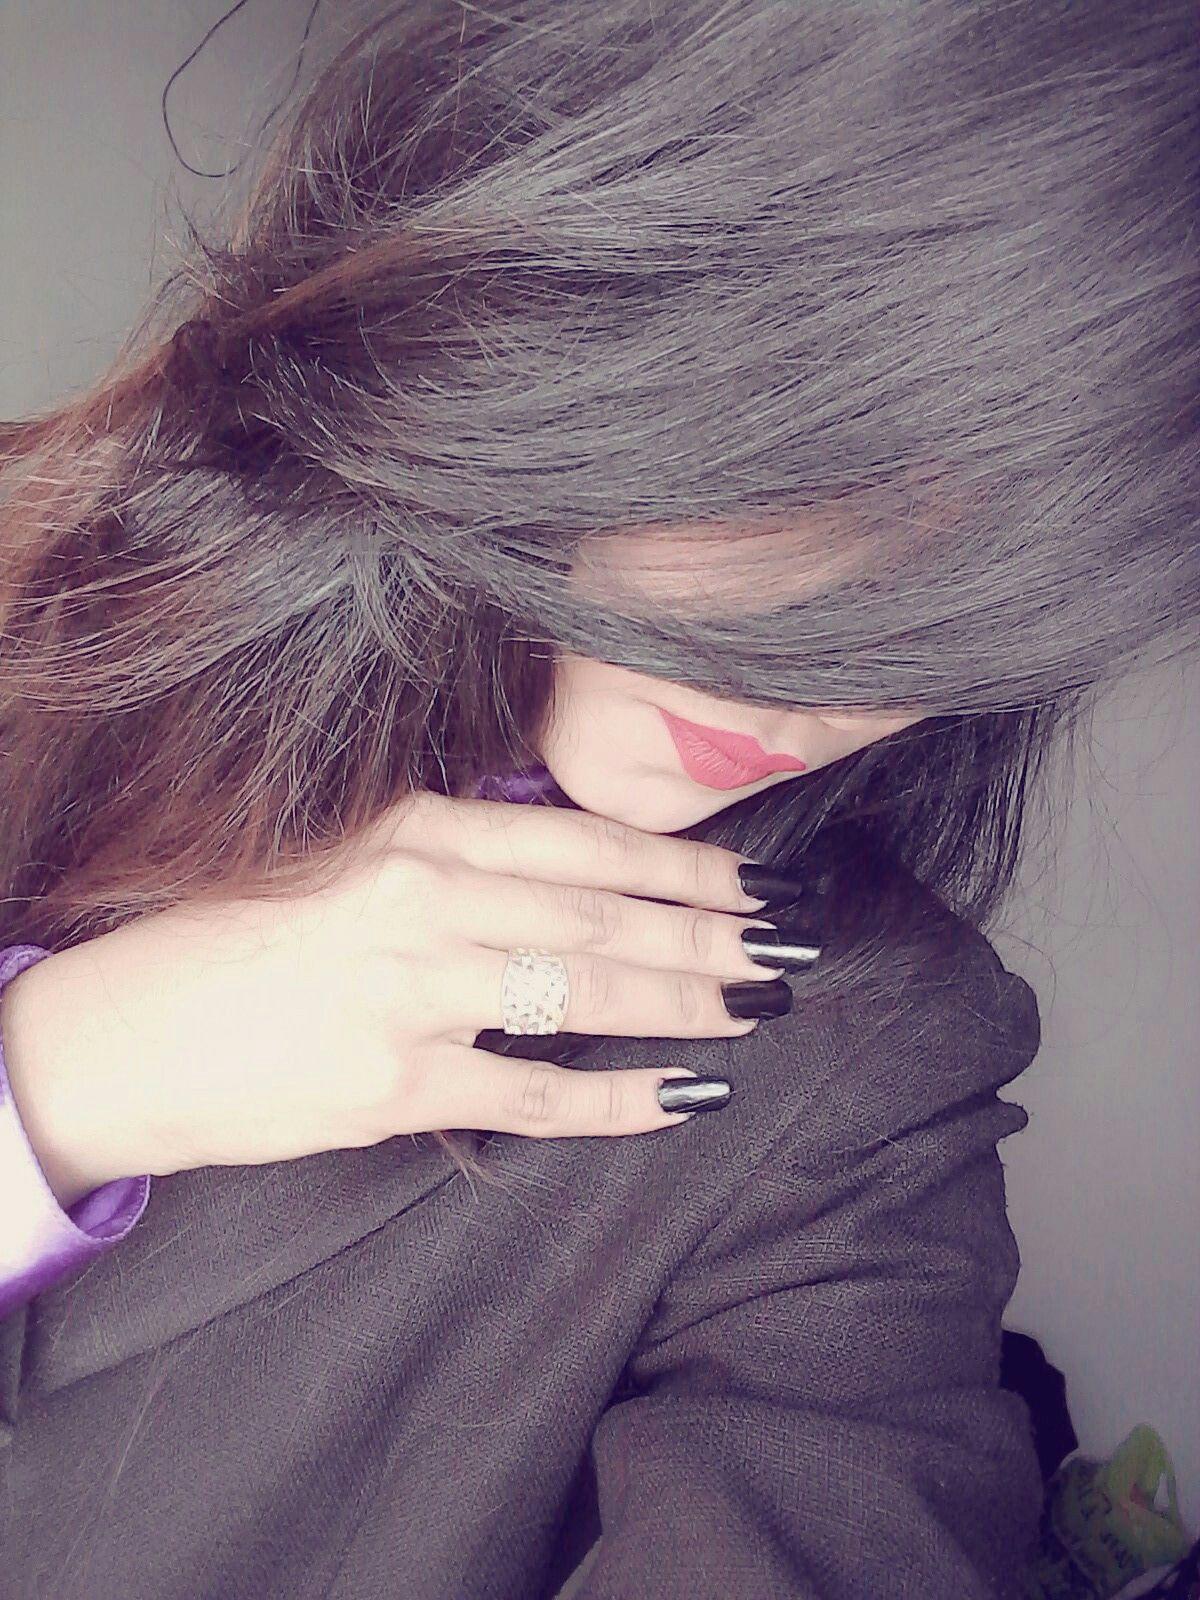 GIRL HIDE FACE FB DP